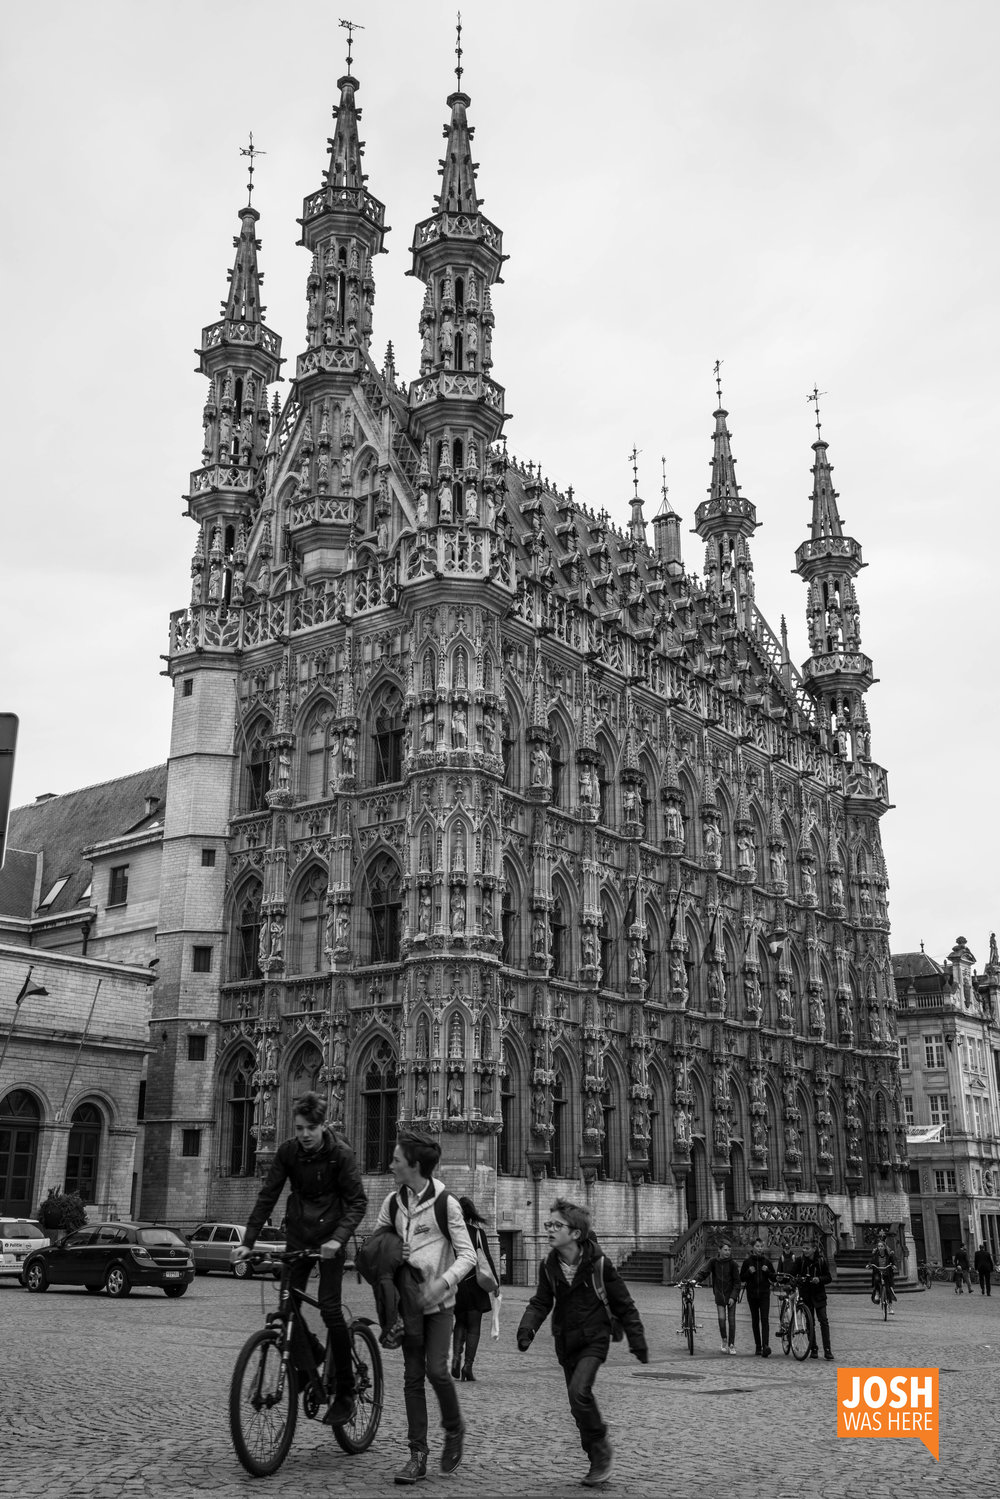 Historical Leuven Town Hall / Historisch Stadhuis van Leuven